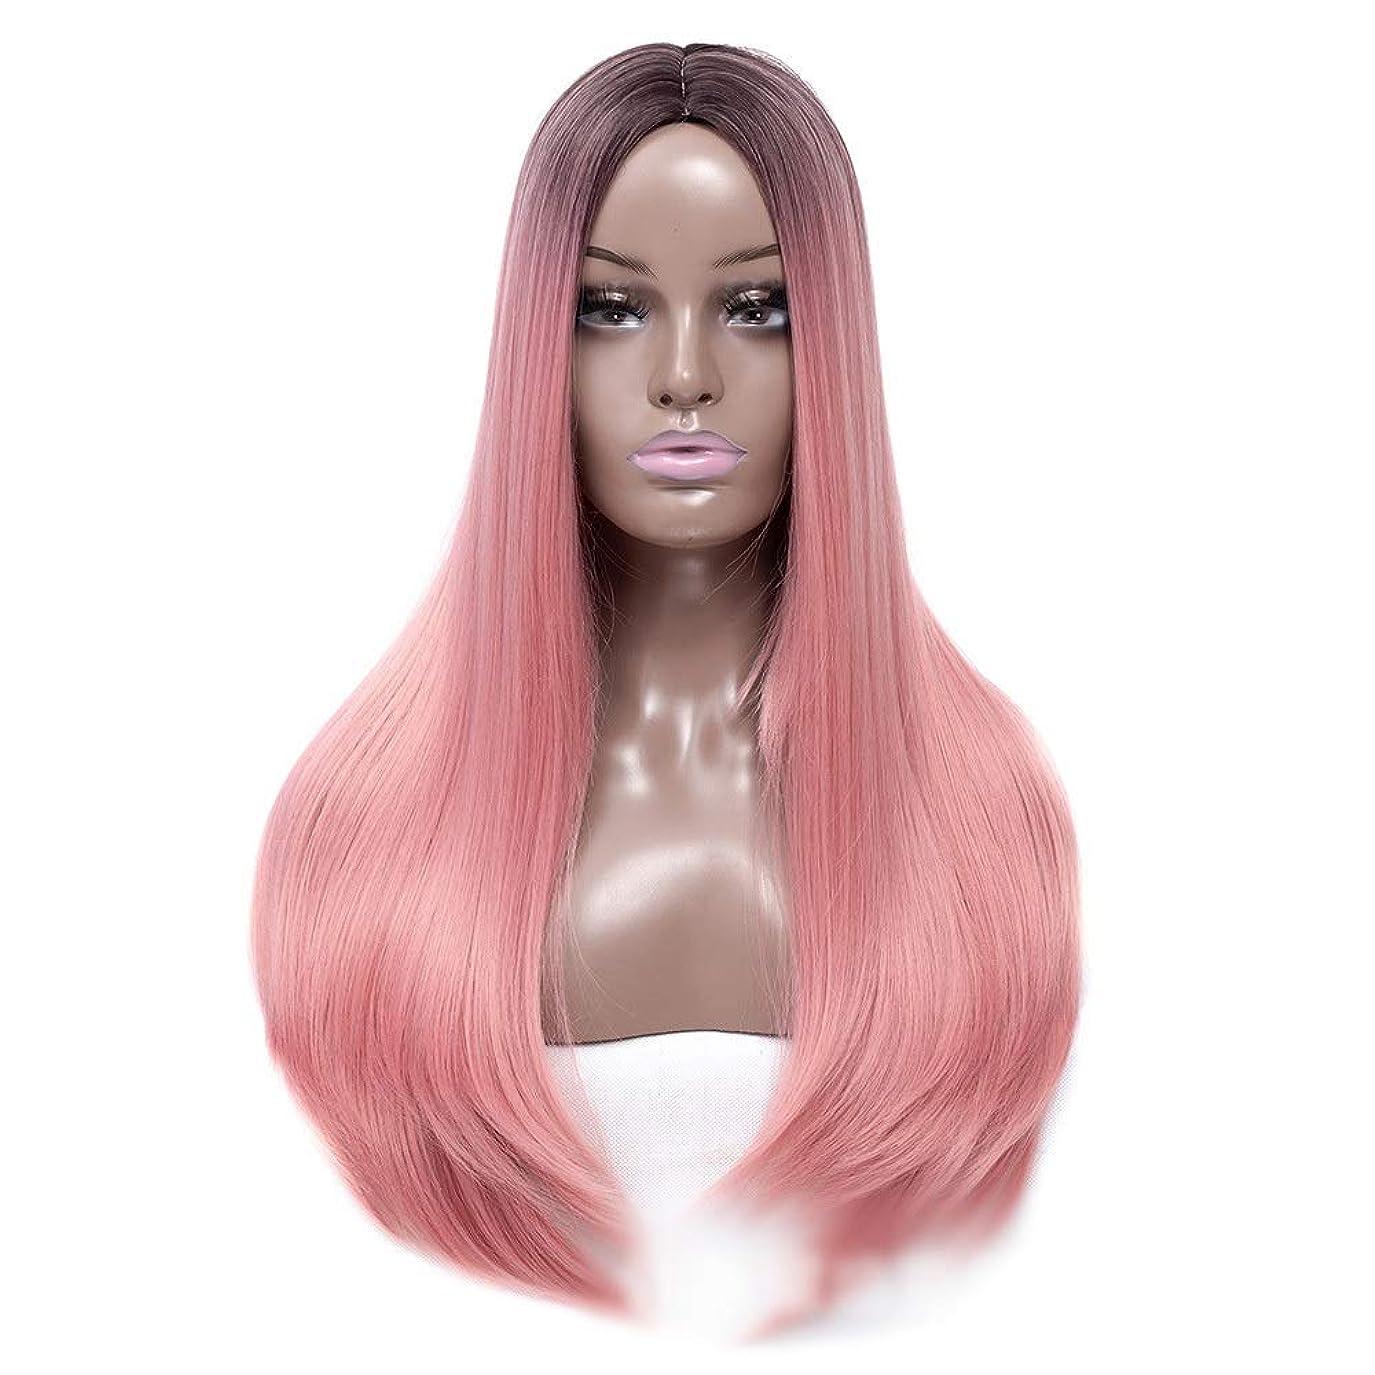 キャラクター生産的メロンYrattary 女性のピンクのかつら22インチロングストレートヘアヒートセーフ人工毛ホワイトまたは淡い頭皮のパーティーのかつら (Color : ピンク)